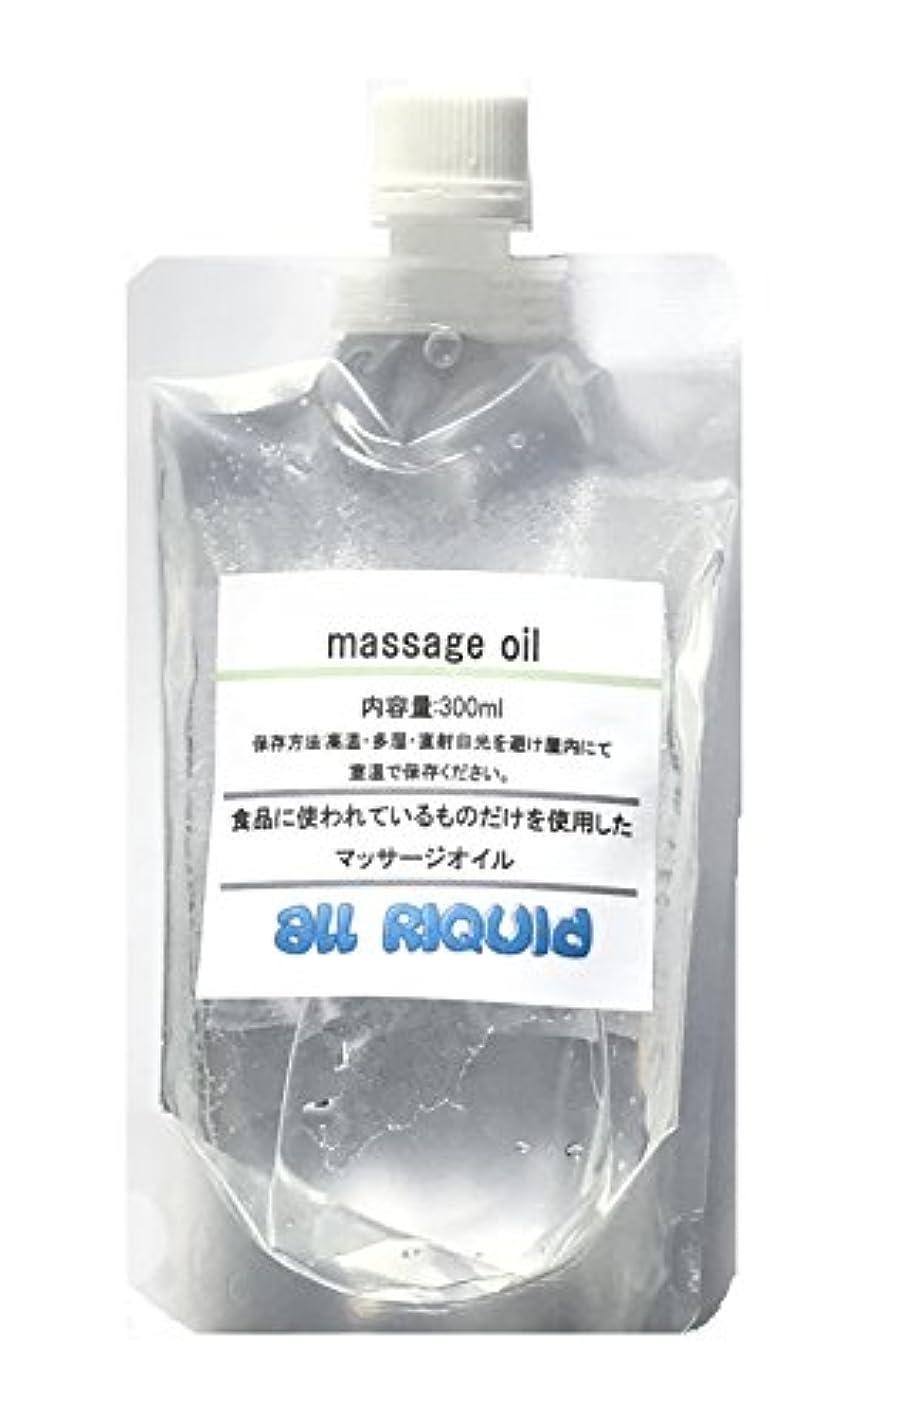 そっとドロー型(国産) 食品に使われているものしか入っていないアロママッサージオイル 優雅 ローズオイル入り 天然ペパーミント配合 オールリキッド 300ml (グリセリン クエン酸) 配合 大容量